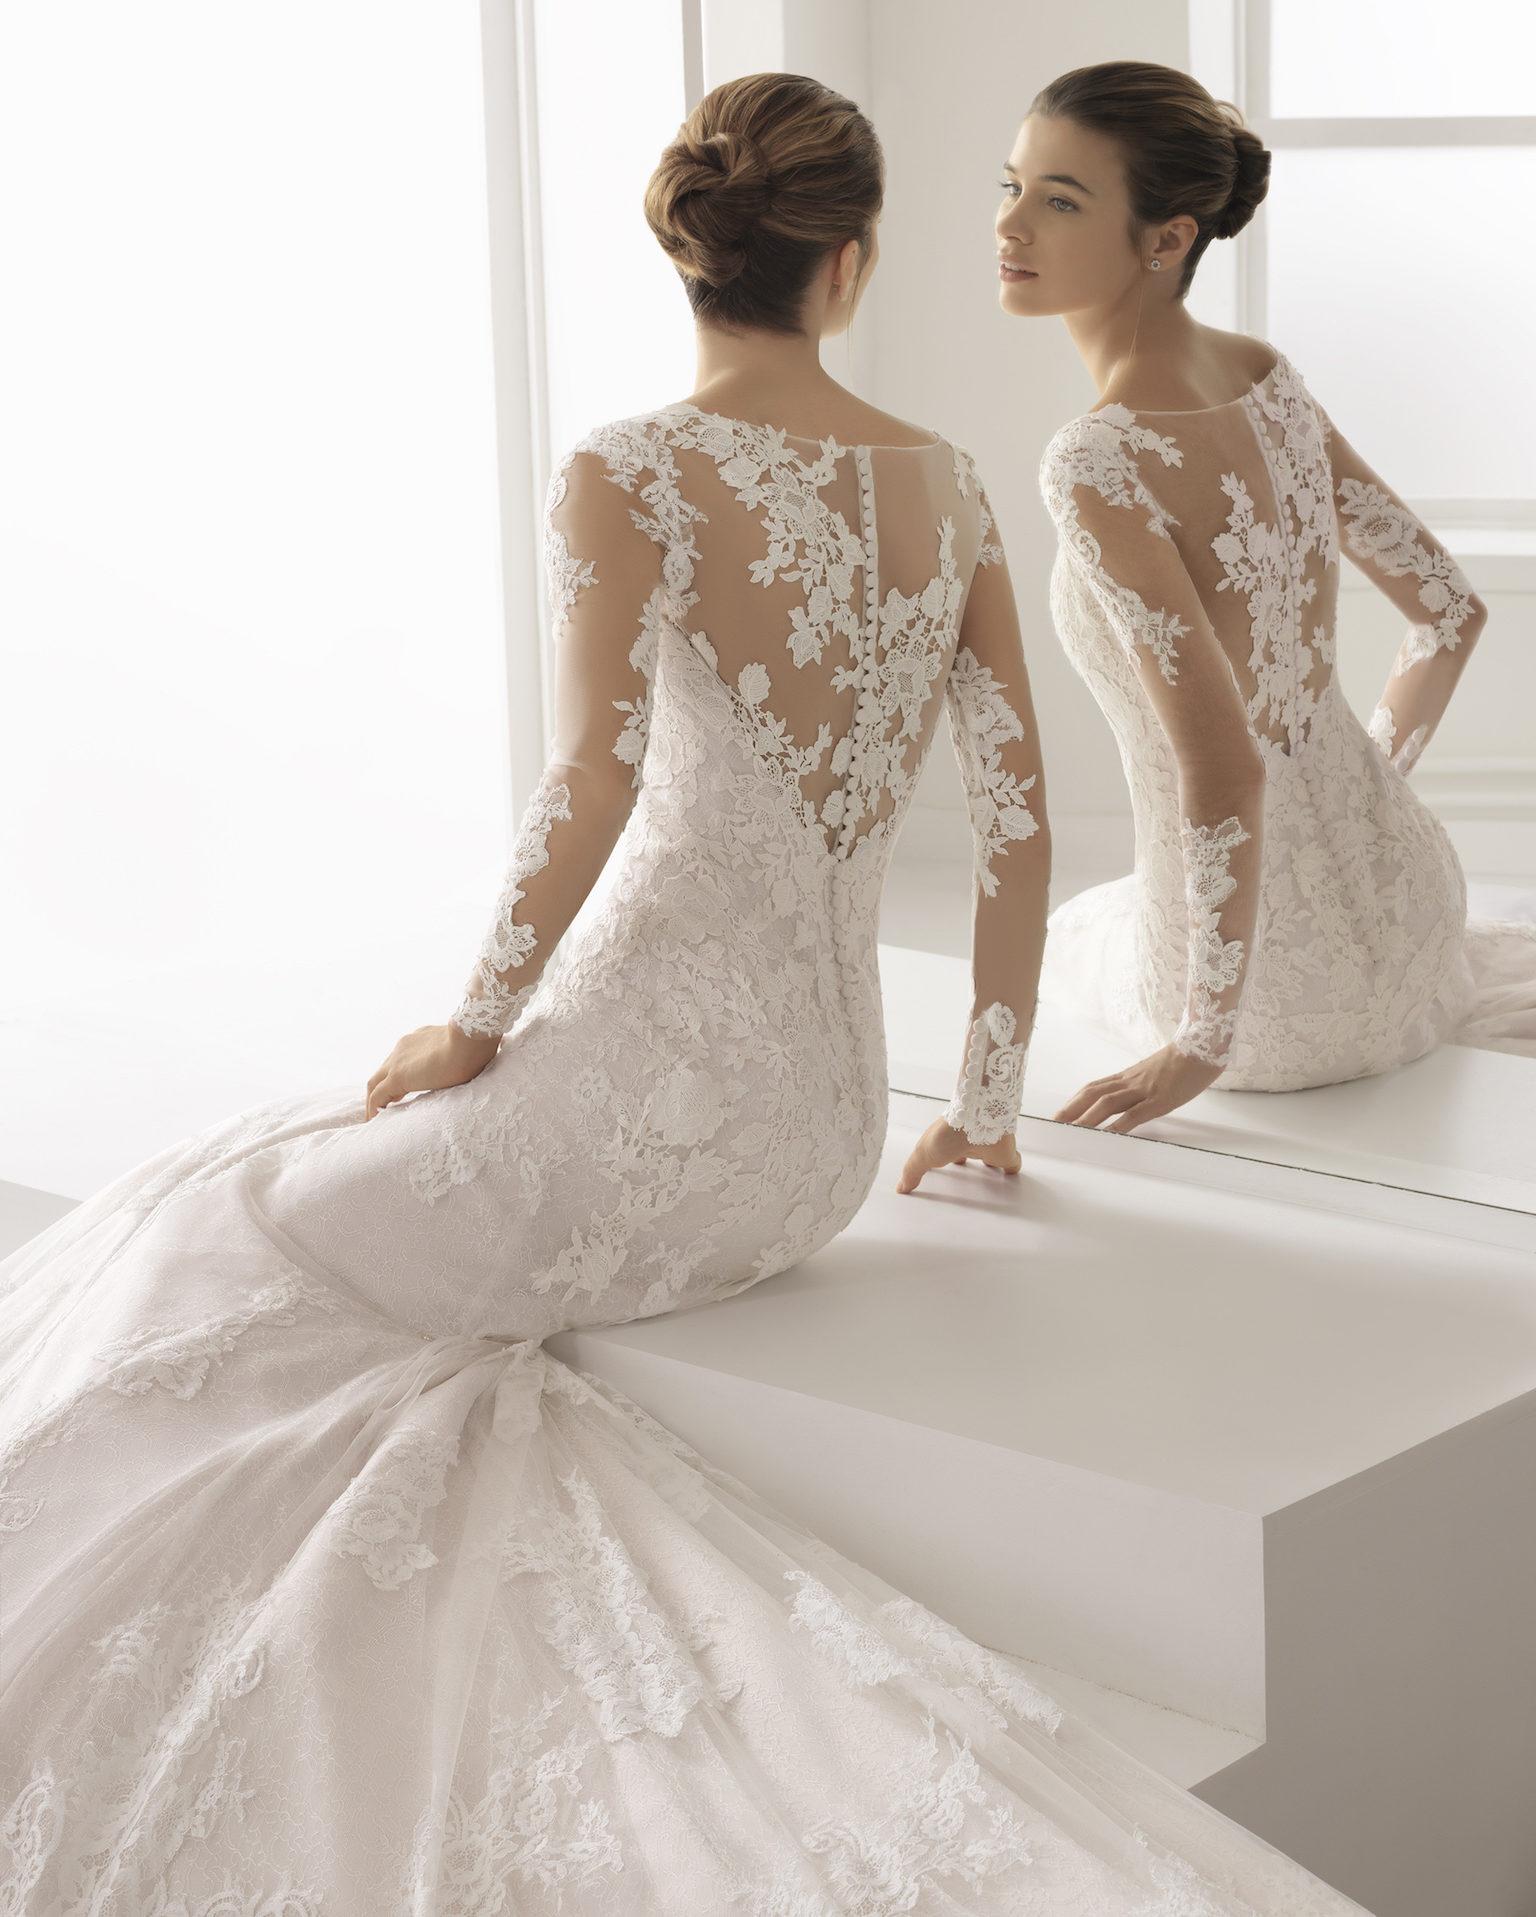 Brudekjoler førende brudekjole designere - Copenhagen Bridal